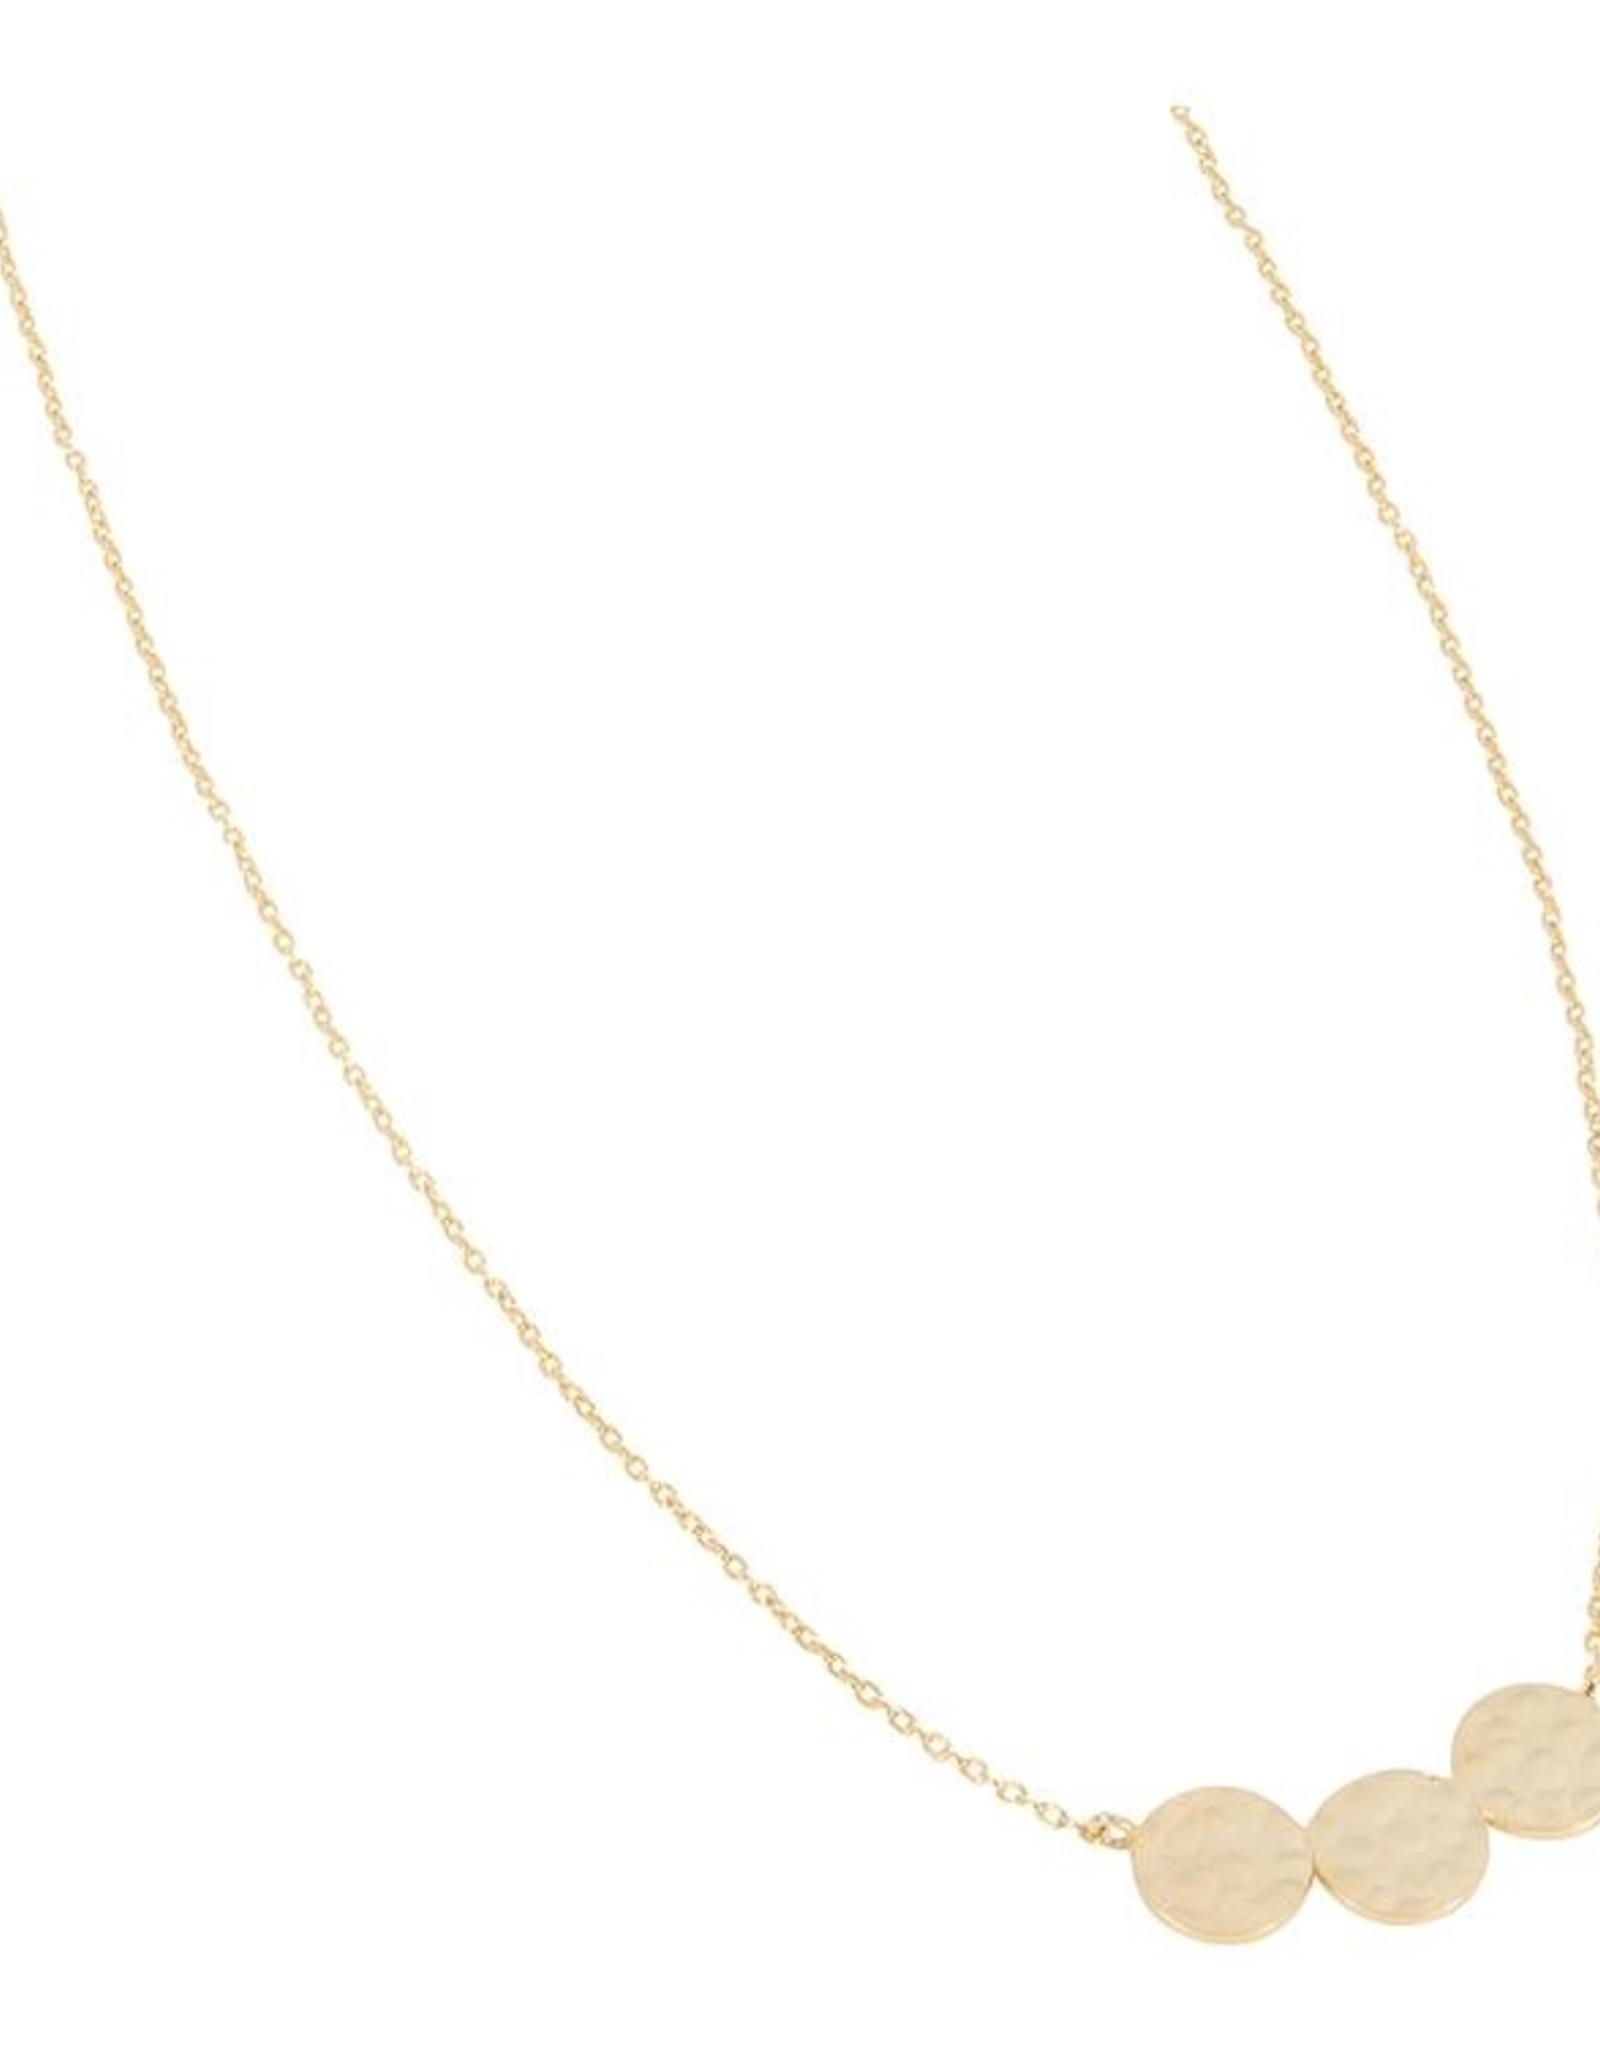 Halskette Triple Disc 925 Silber vergoldet